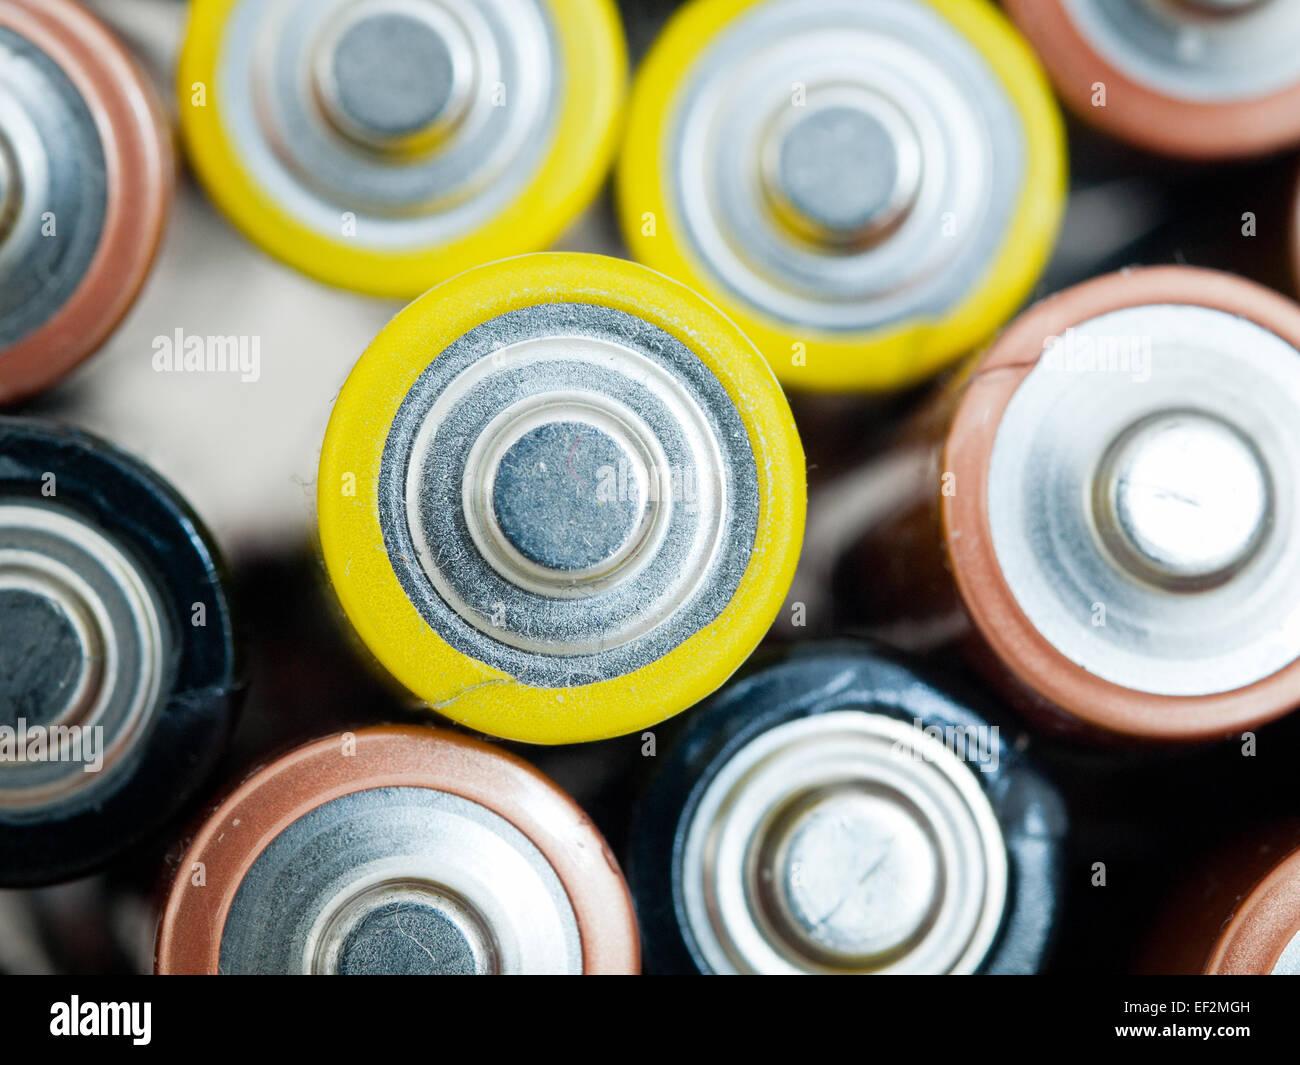 Un gros plan d'utilisé un double (AA) batteries pour le recyclage. Photo Stock